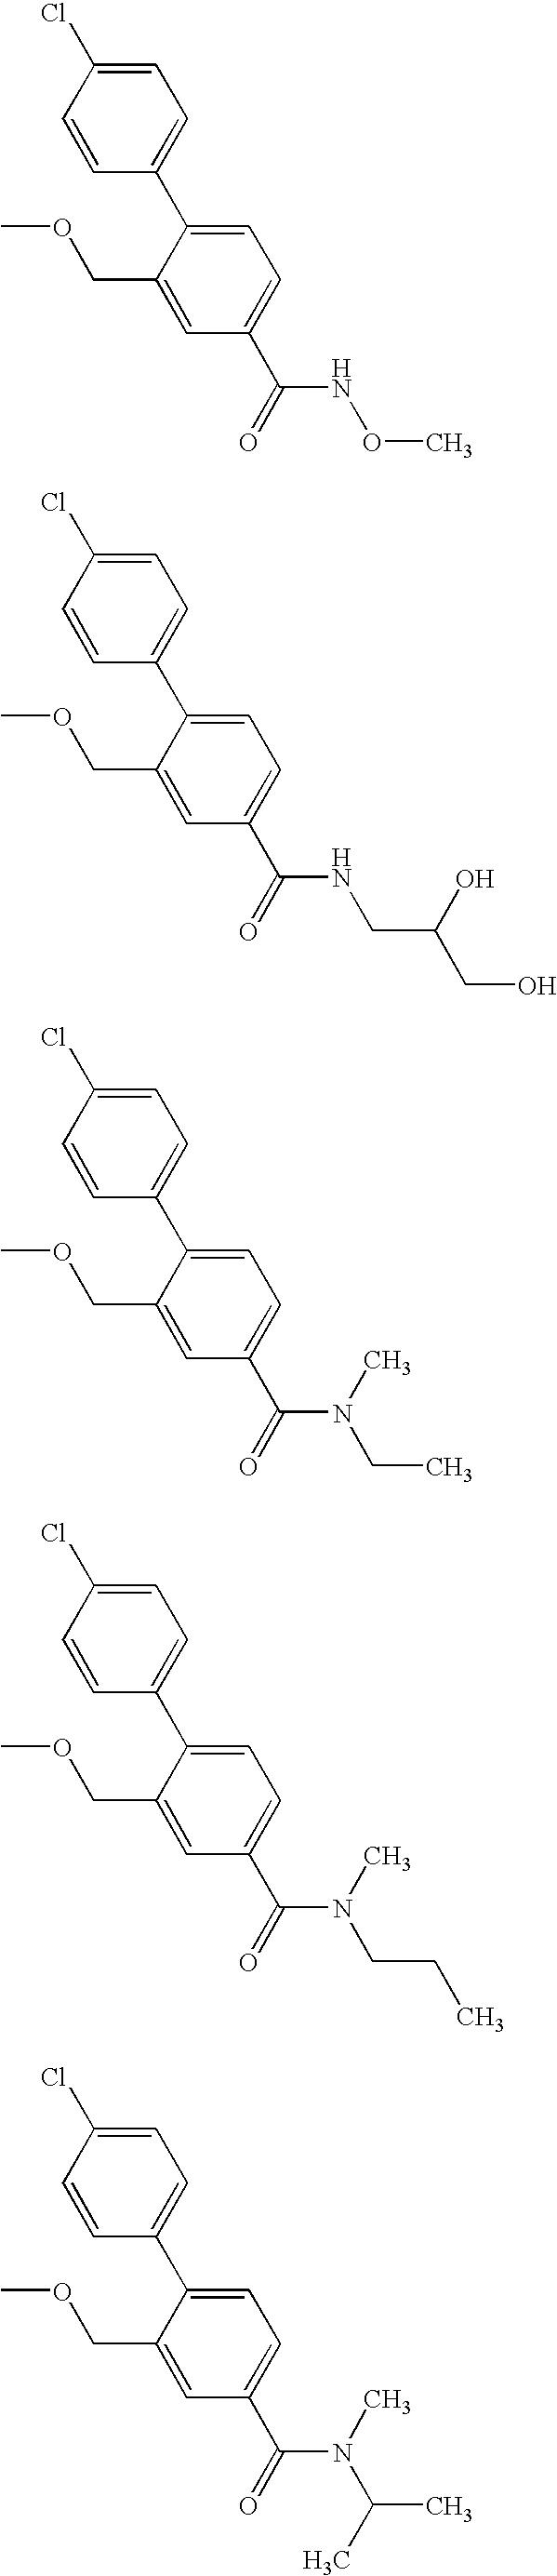 Figure US20070049593A1-20070301-C00252